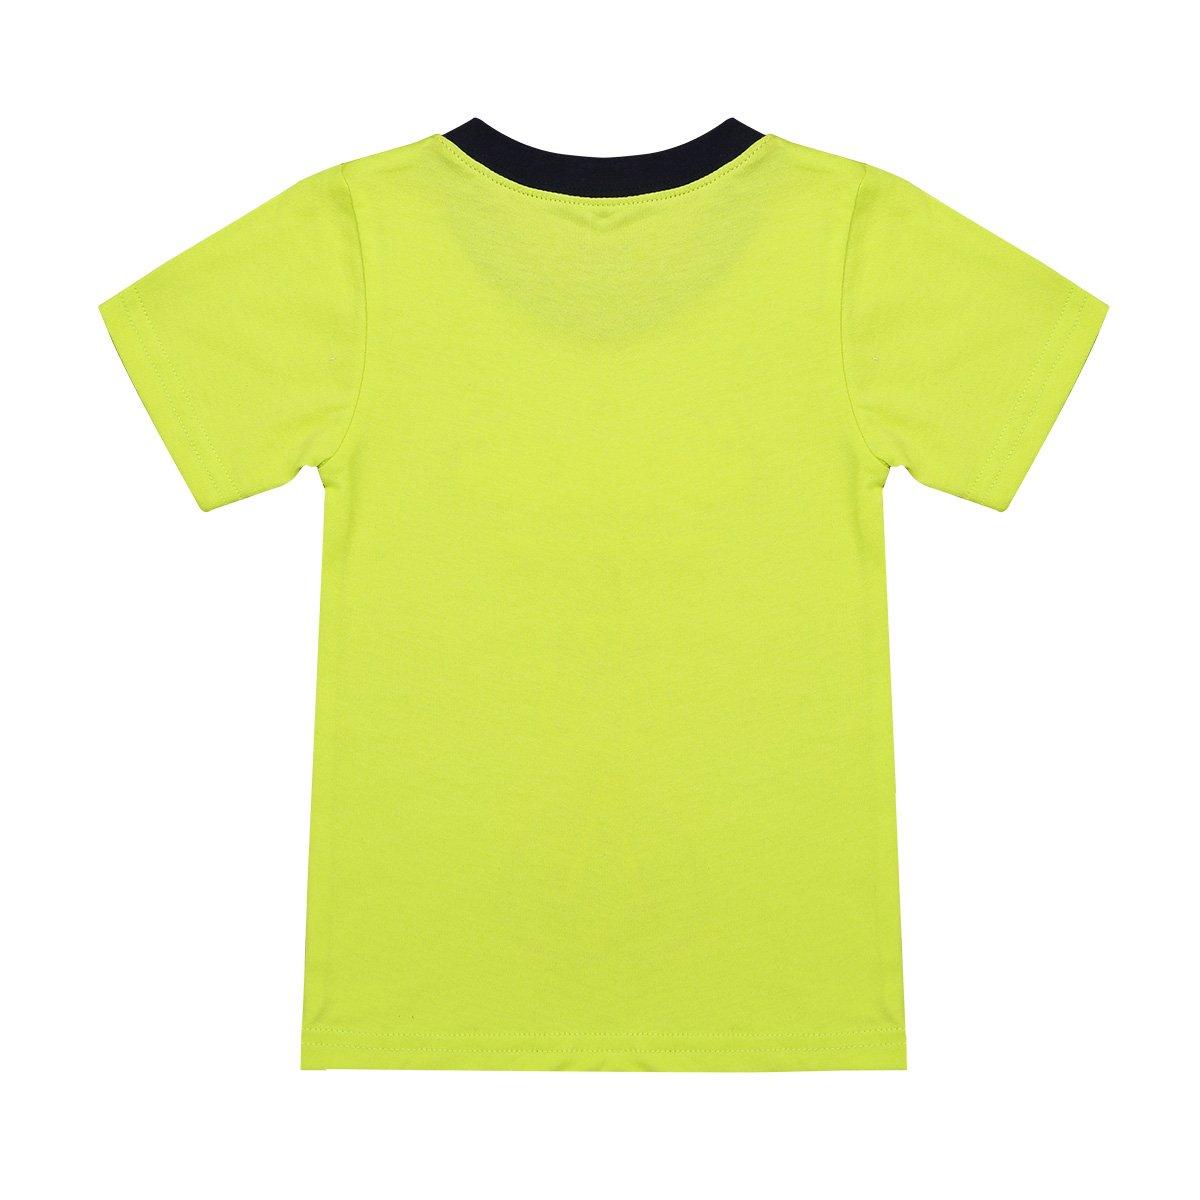 iiniim Ensembles V/êtements de Nuit Shorts et Haut B/éb/é Enfant Gar/çon Cartoon Dinosaure Imprim/é T-Shirt Manches Courte et Pantalons Court Homewear Coton 1-7 Ans